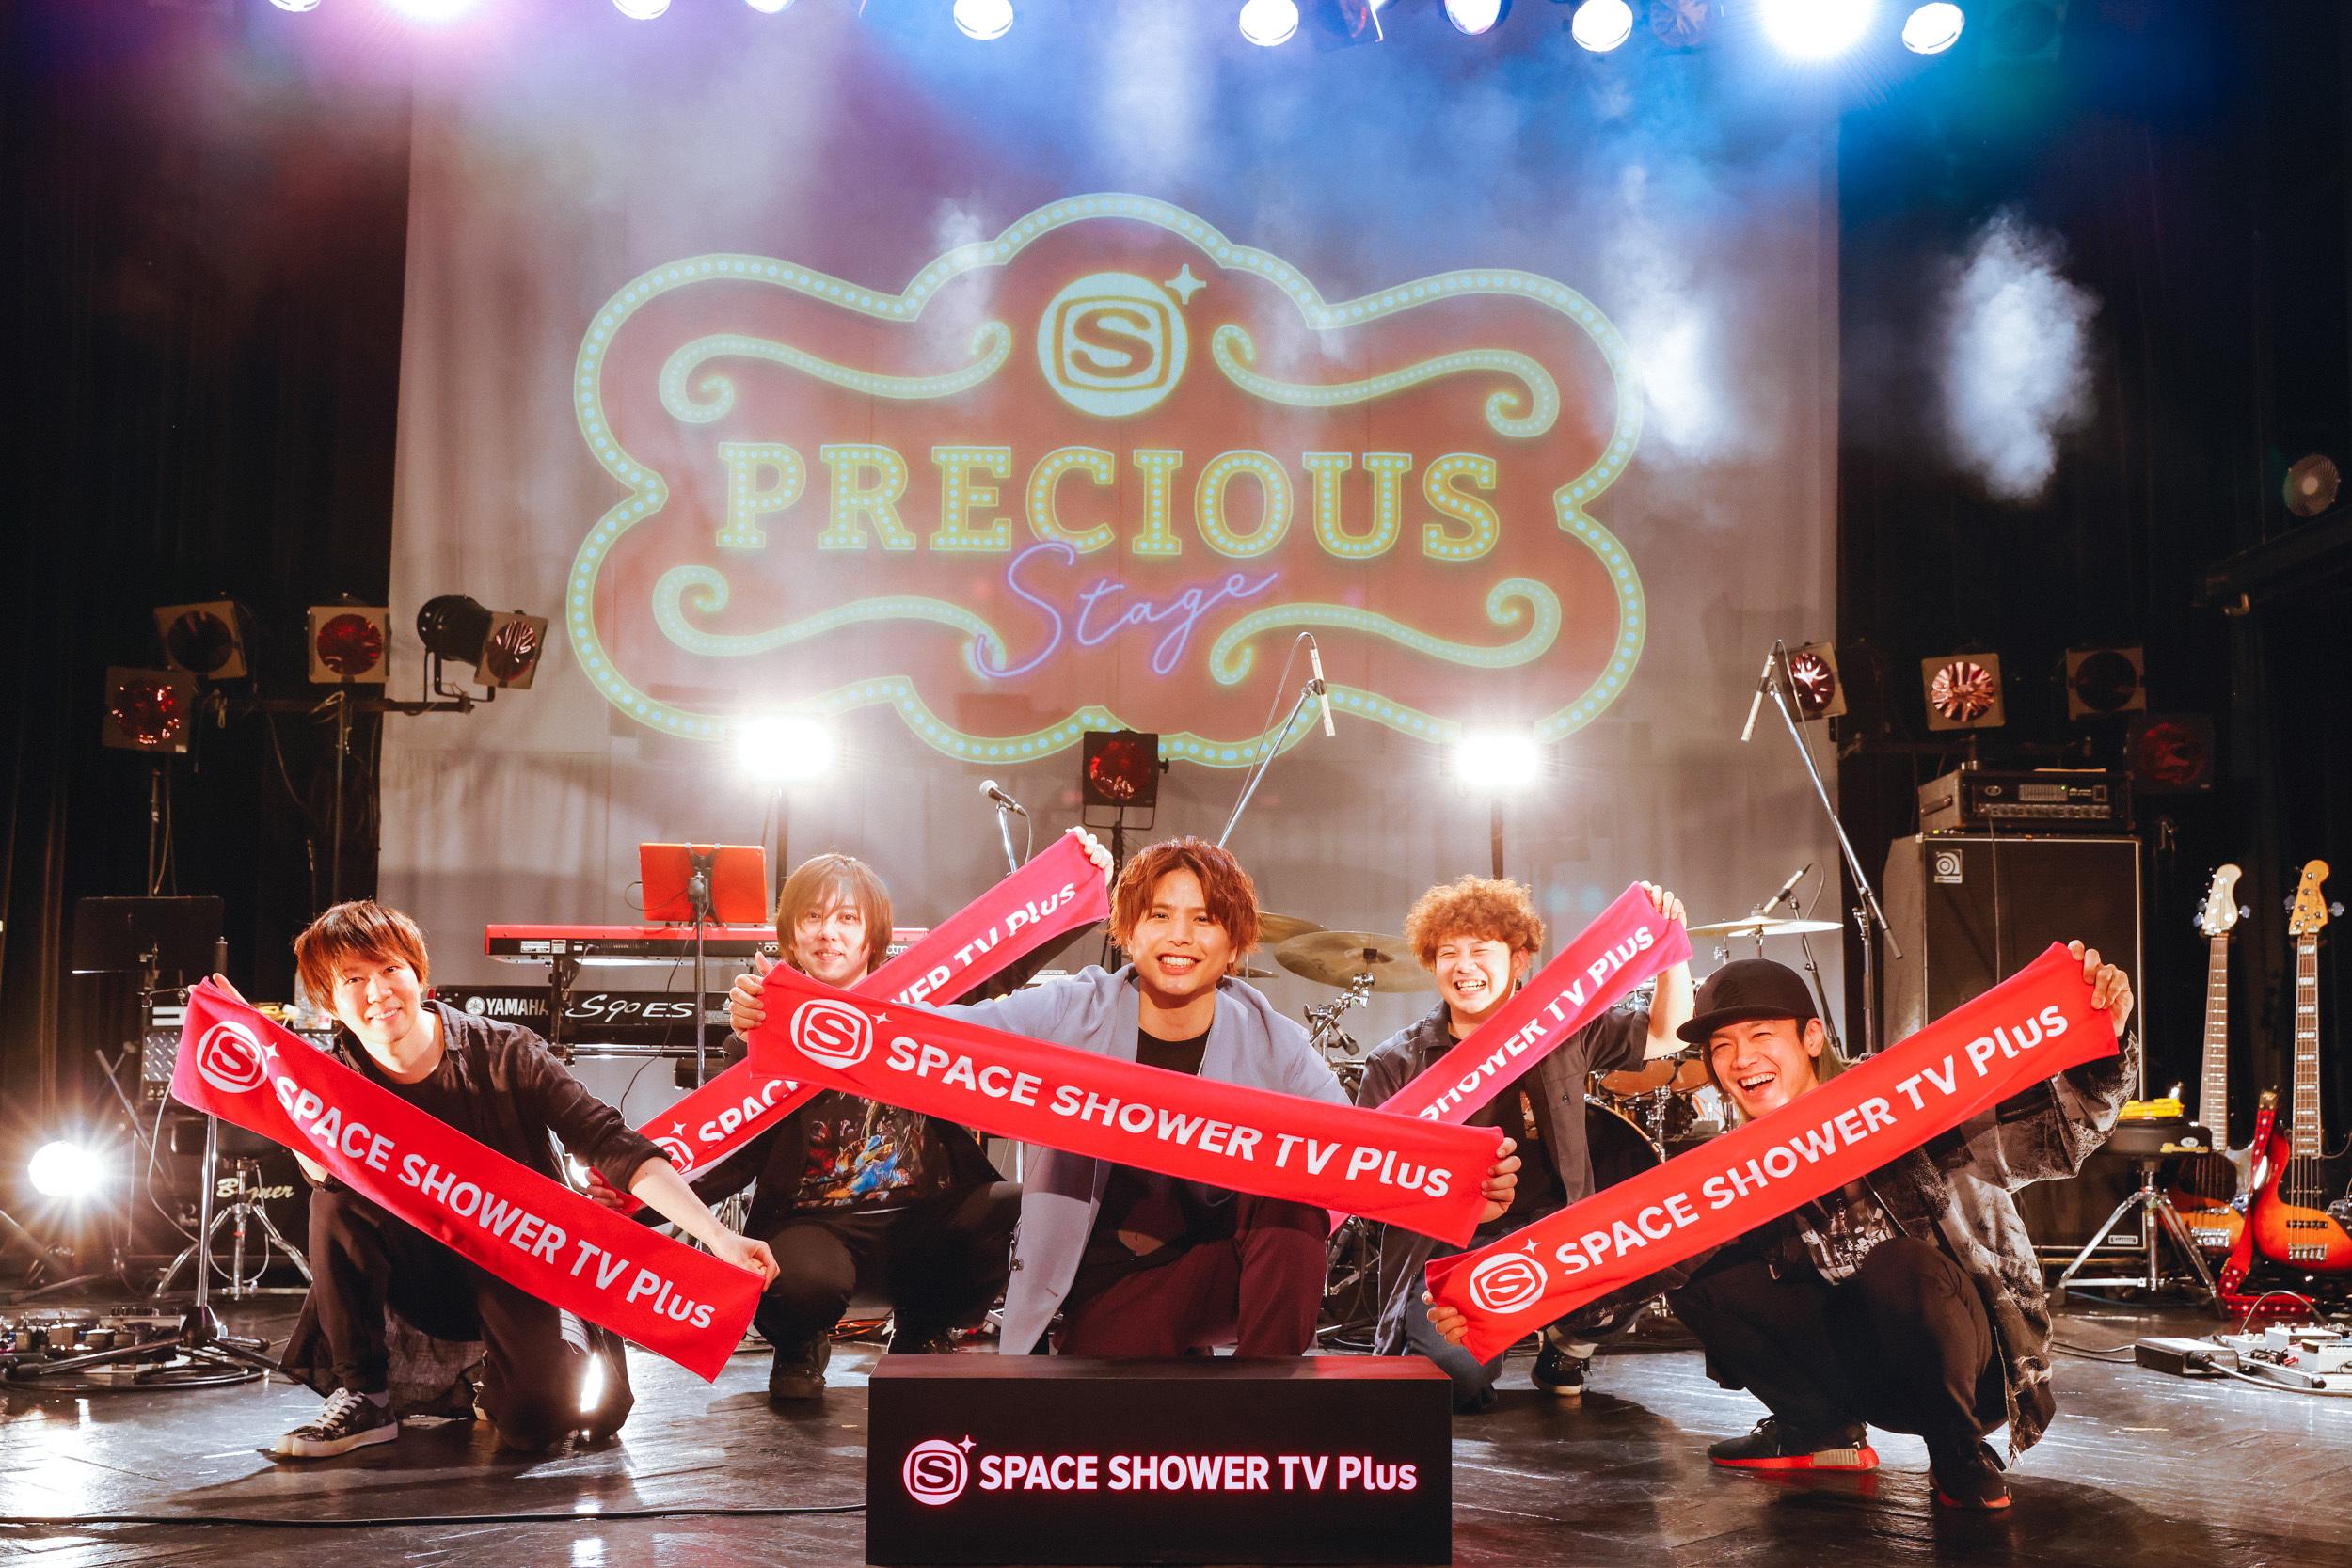 スペシャプラス!precious STAGE -仲村宗悟- photo by関口佳代